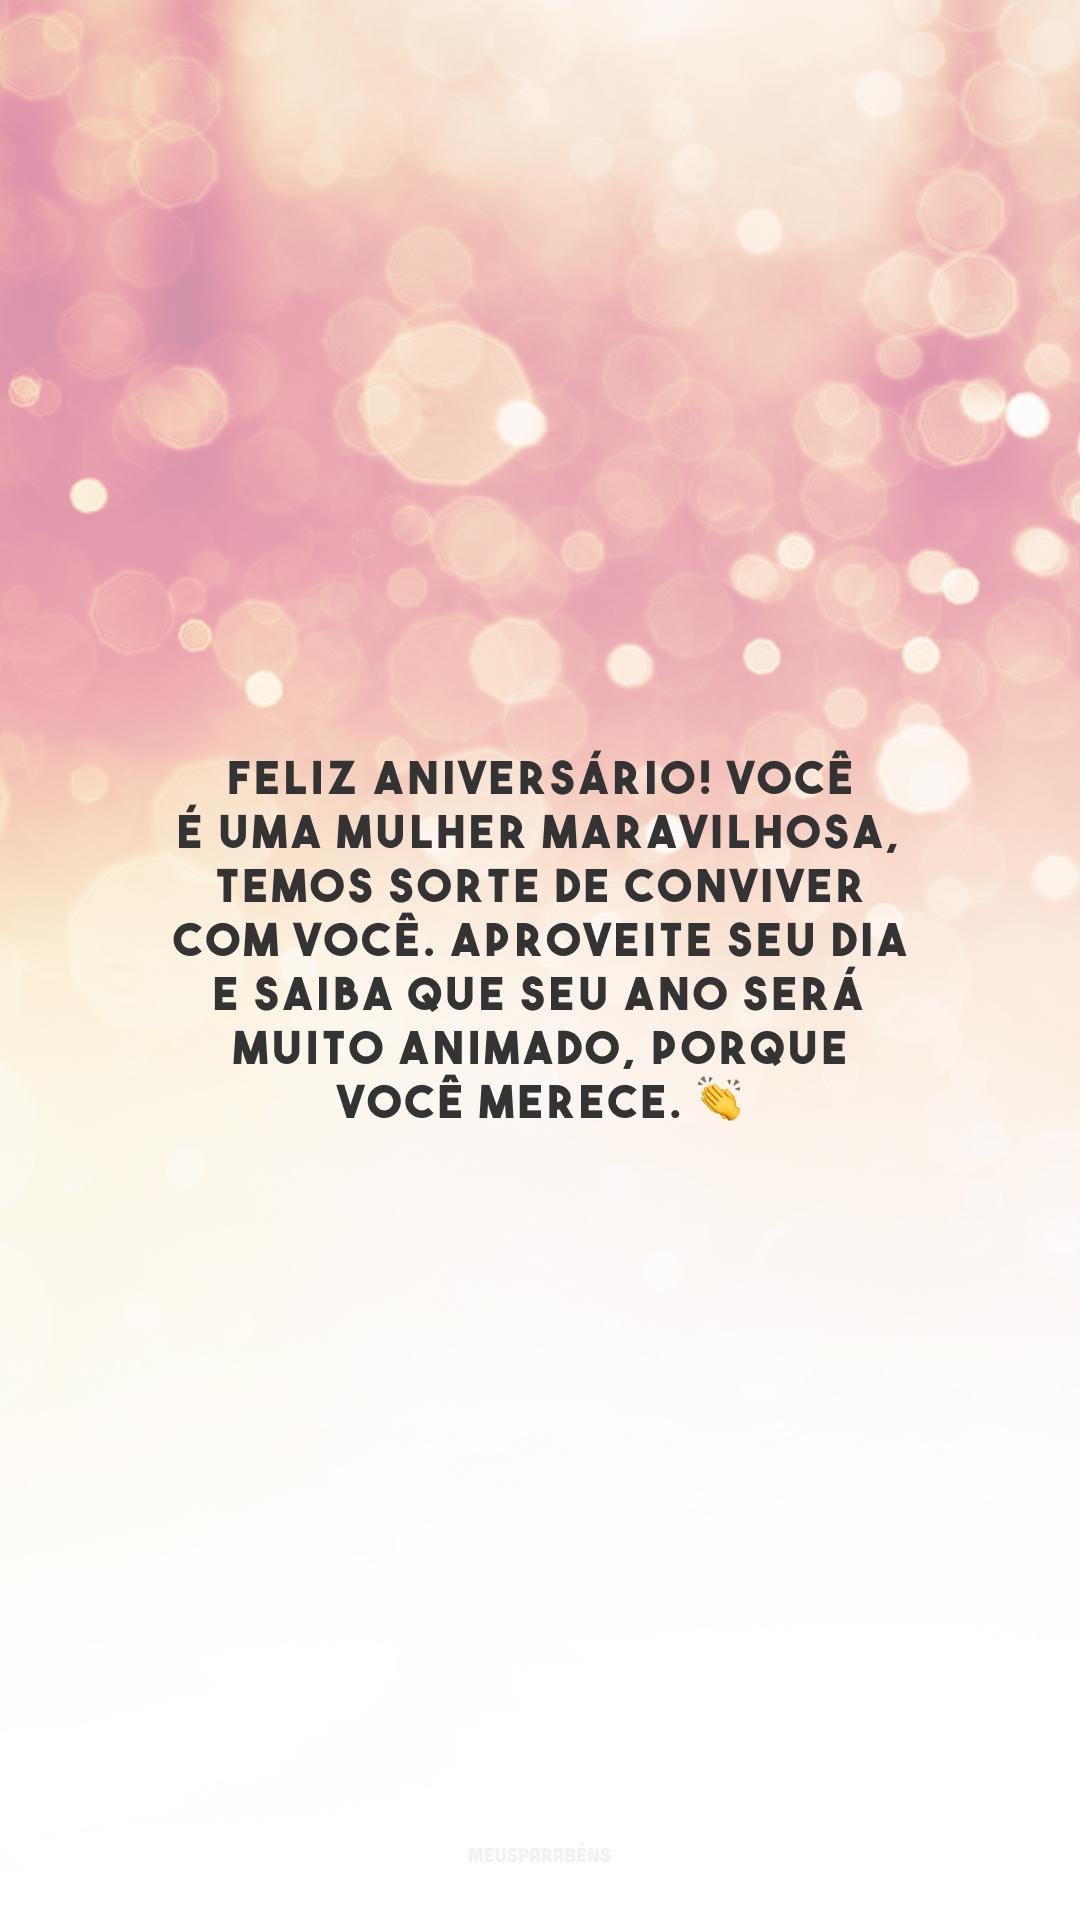 Feliz aniversário! Você é uma mulher maravilhosa, temos sorte de conviver com você. Aproveite seu dia e saiba que seu ano será muito animado, porque você merece. 👏